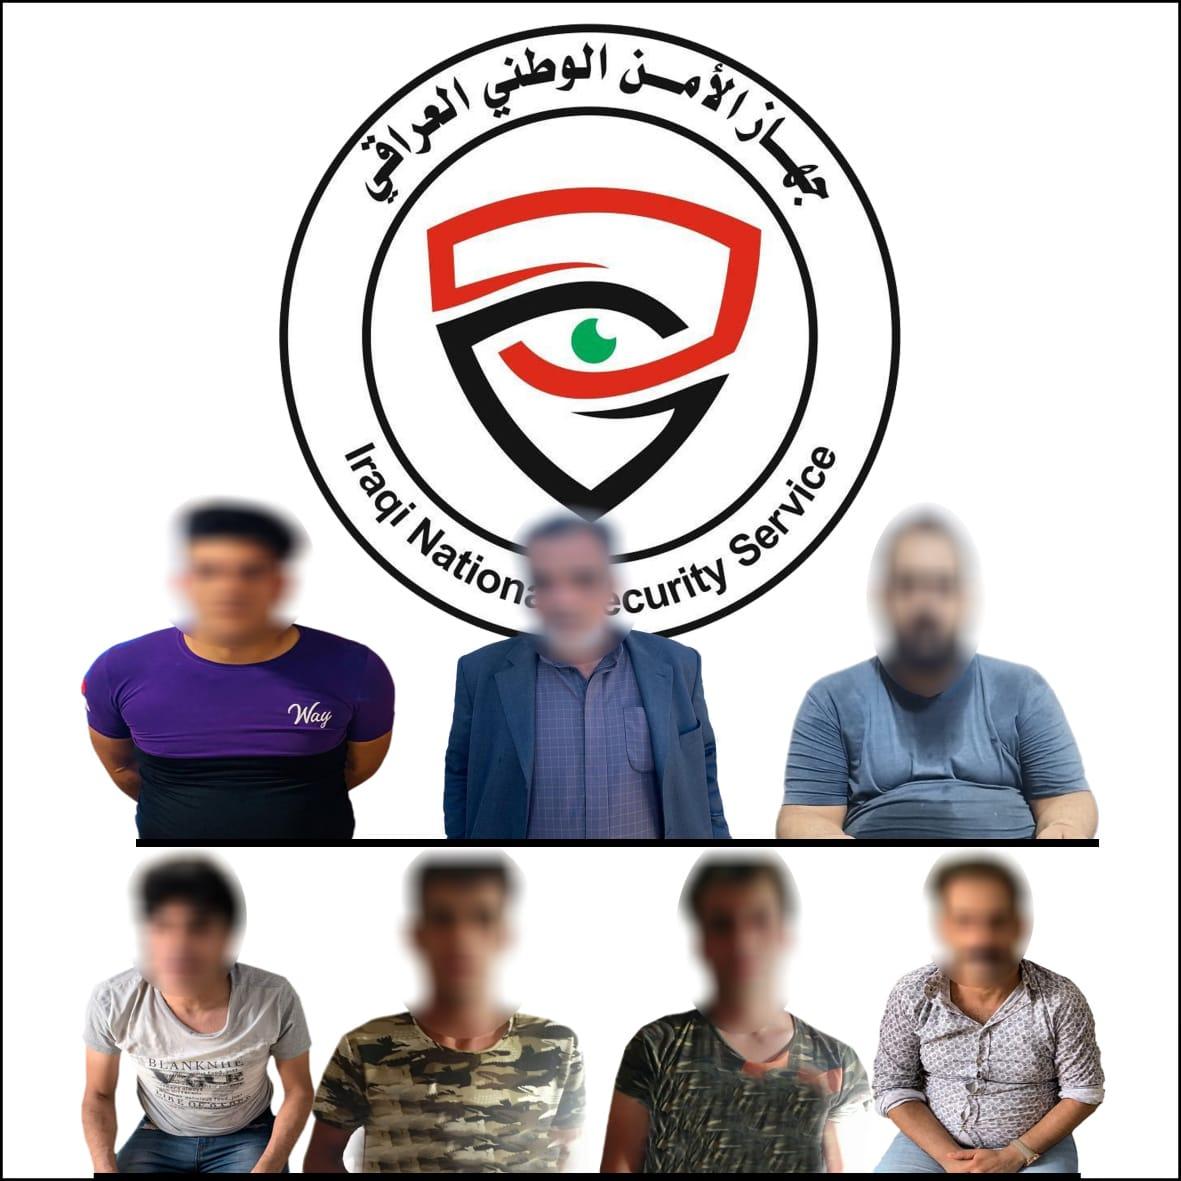 تفكيك 3 عصابات مختصة بتزوير لوحات وبطاقات تسجيل المركبات واعتقال أفرادها